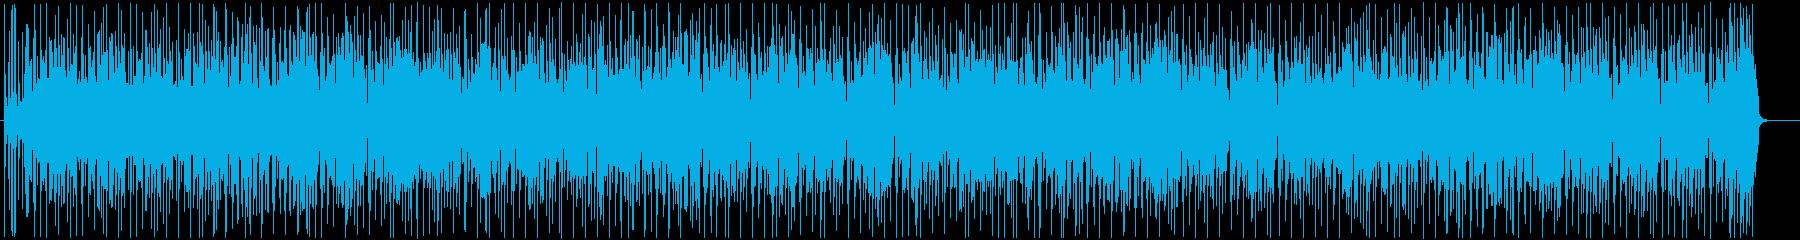 ファンキーで軽快な雰囲気のポップス☆の再生済みの波形